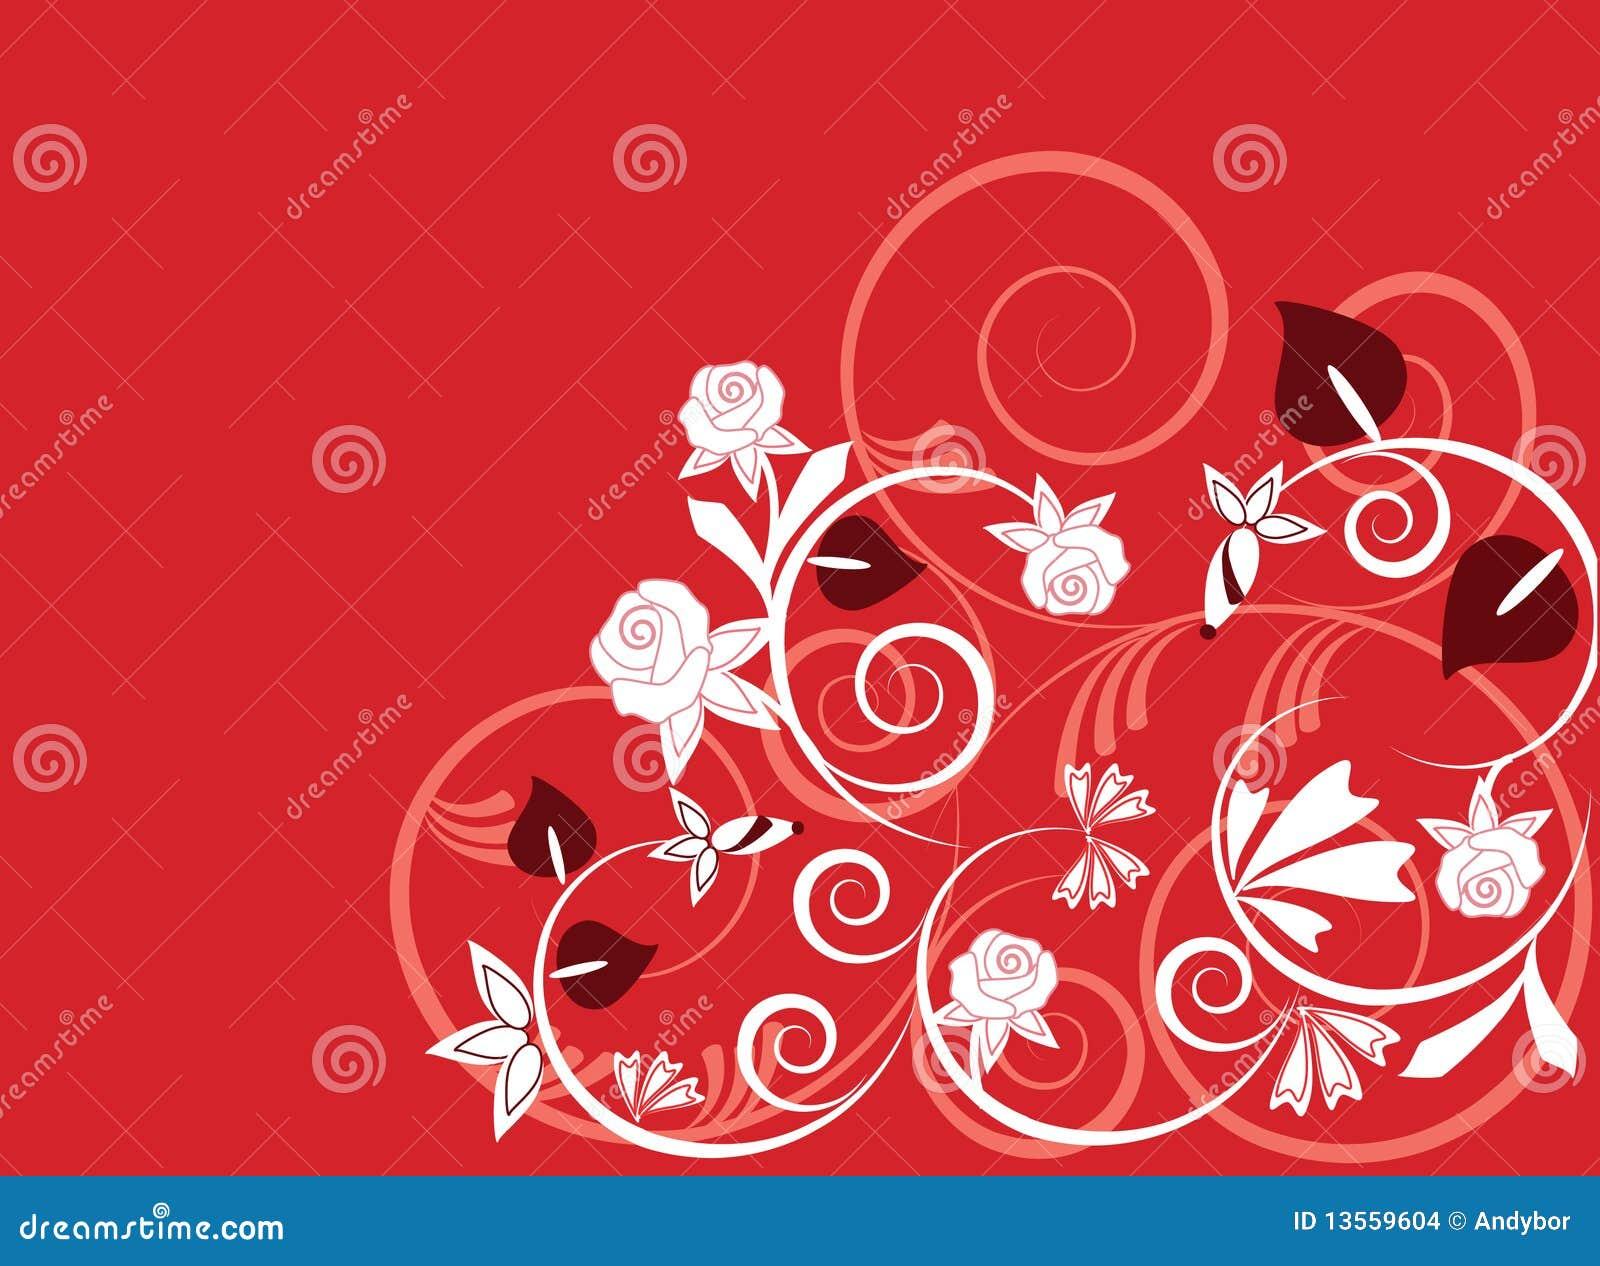 Ilustración Del Fondo Del Vector De Plantas En Rojo